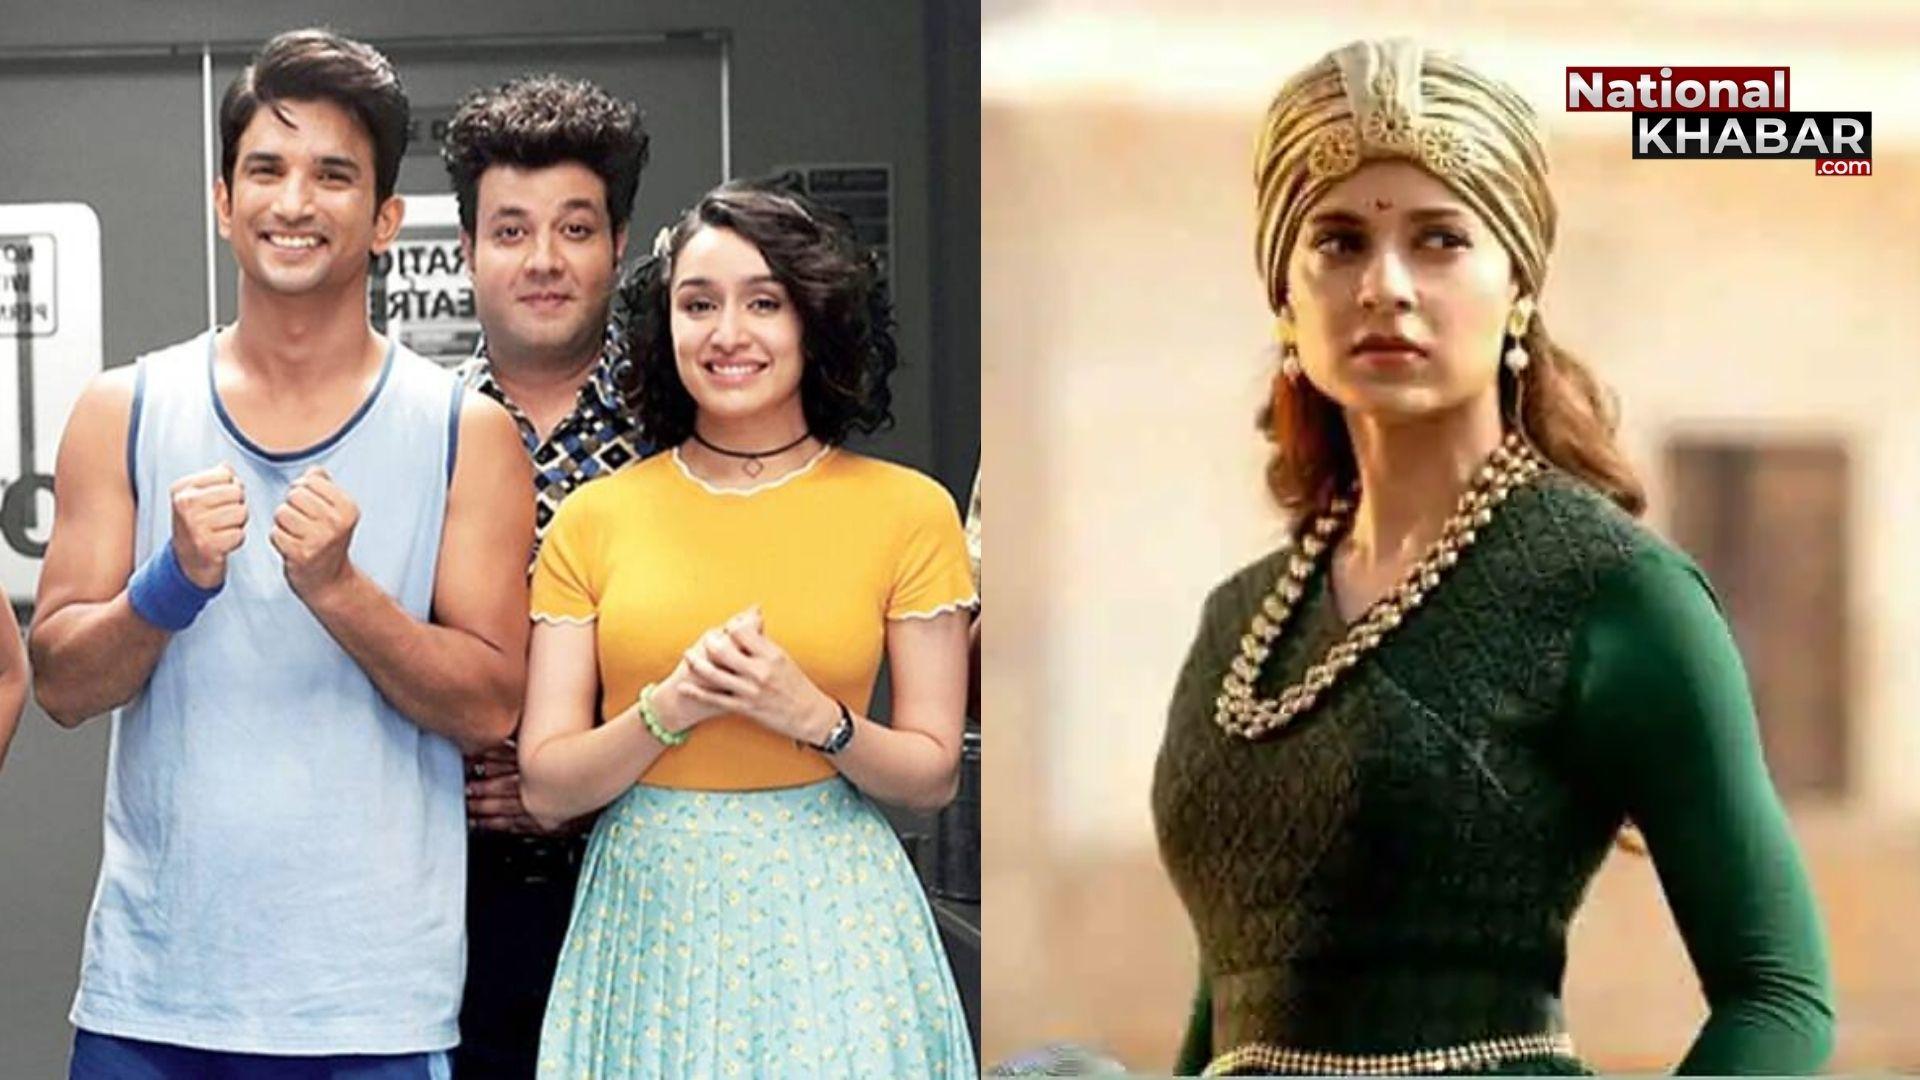 67th National Film Awards: सुशांत सिंह राजपूत की 'छिछोरे' बेस्ट फिल्म, कंगना- बेस्ट एक्ट्रेस, मनोज बाजपेयी और धनुष- बेस्ट एक्टर